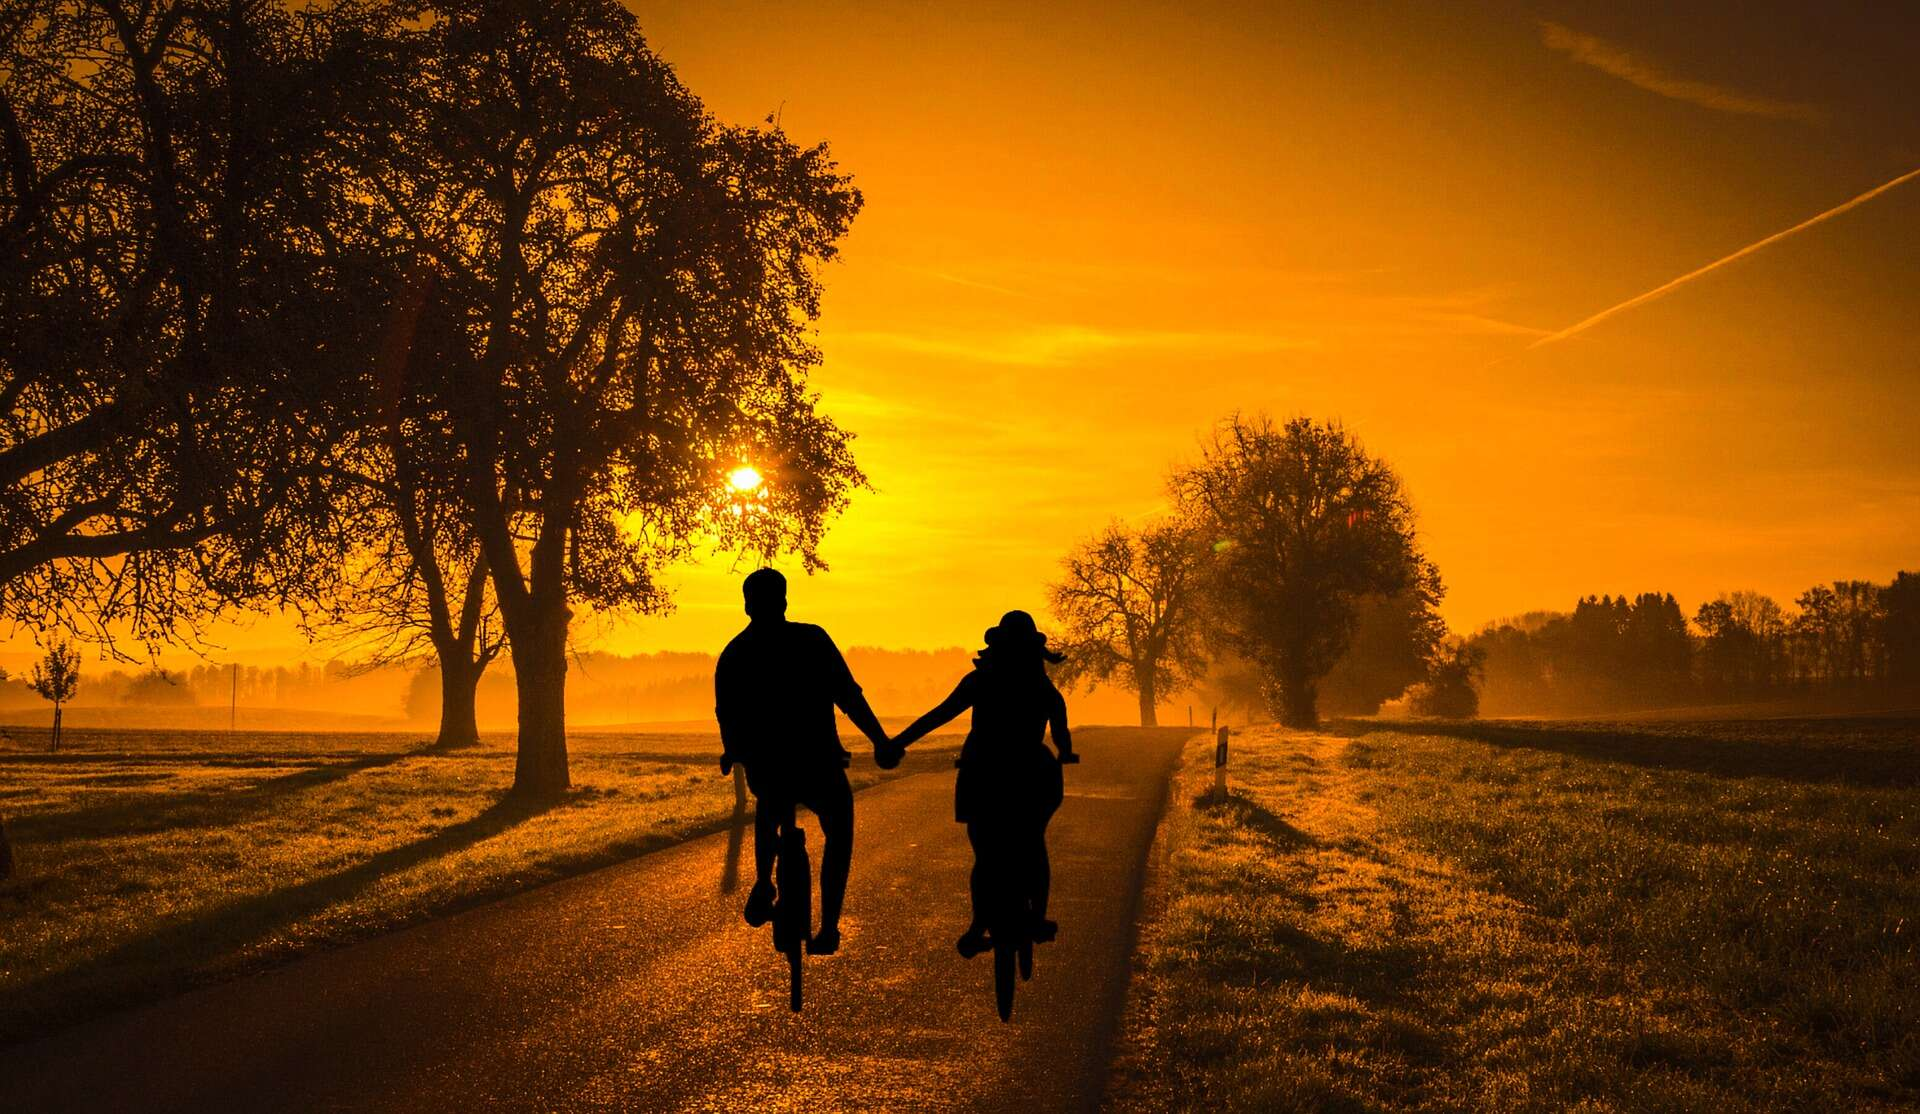 להיות יחד לבד – תרומתו של זמן איכות לחיזוק הקשרים הזוגיים